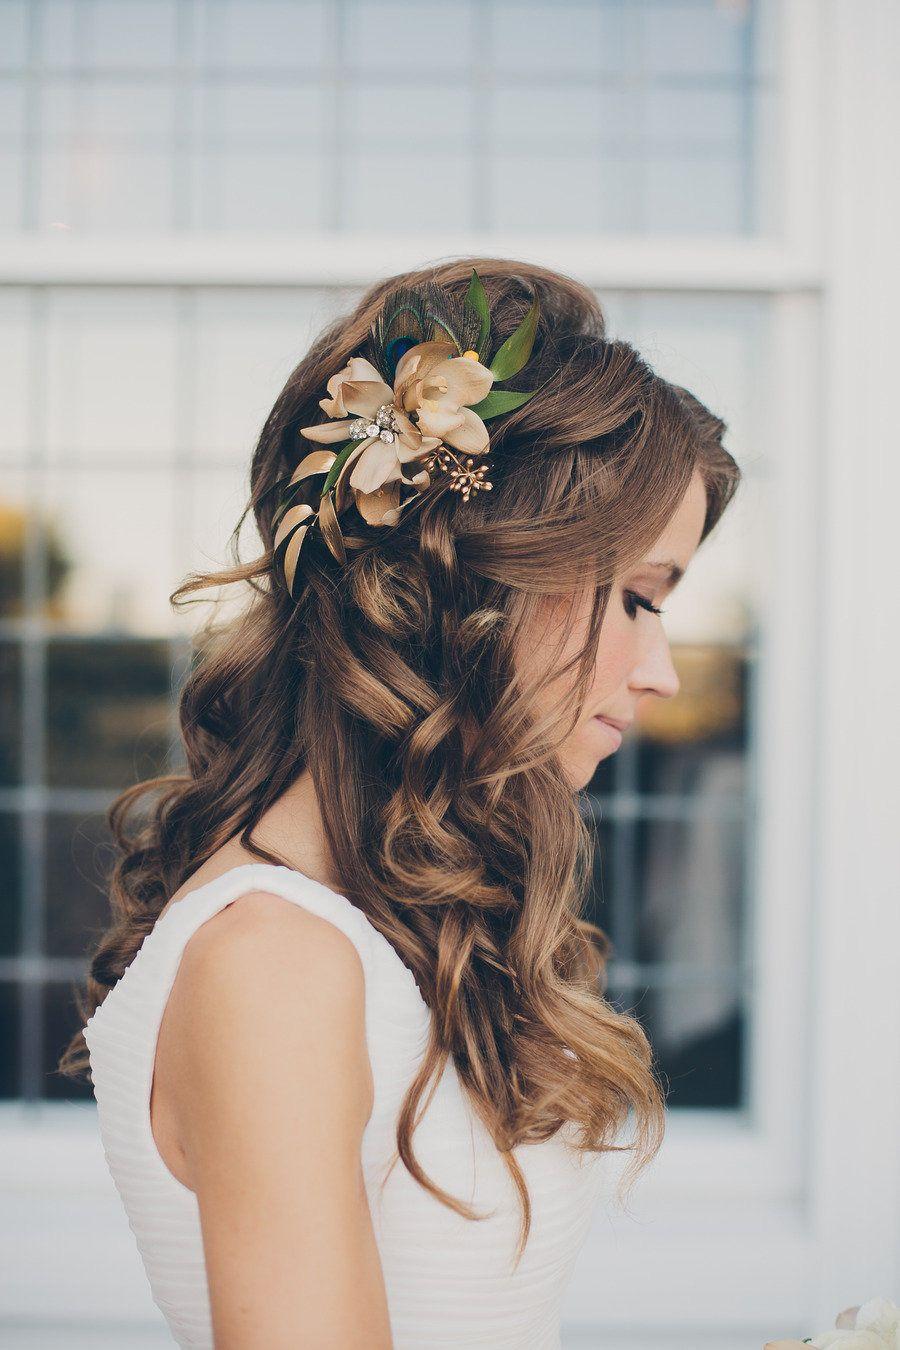 Kijk voor meer inspiratie of zoek je een visagiste/ hairstyliste aan huis voor je trouwdag kijk dan op www.makeup-hair.nl